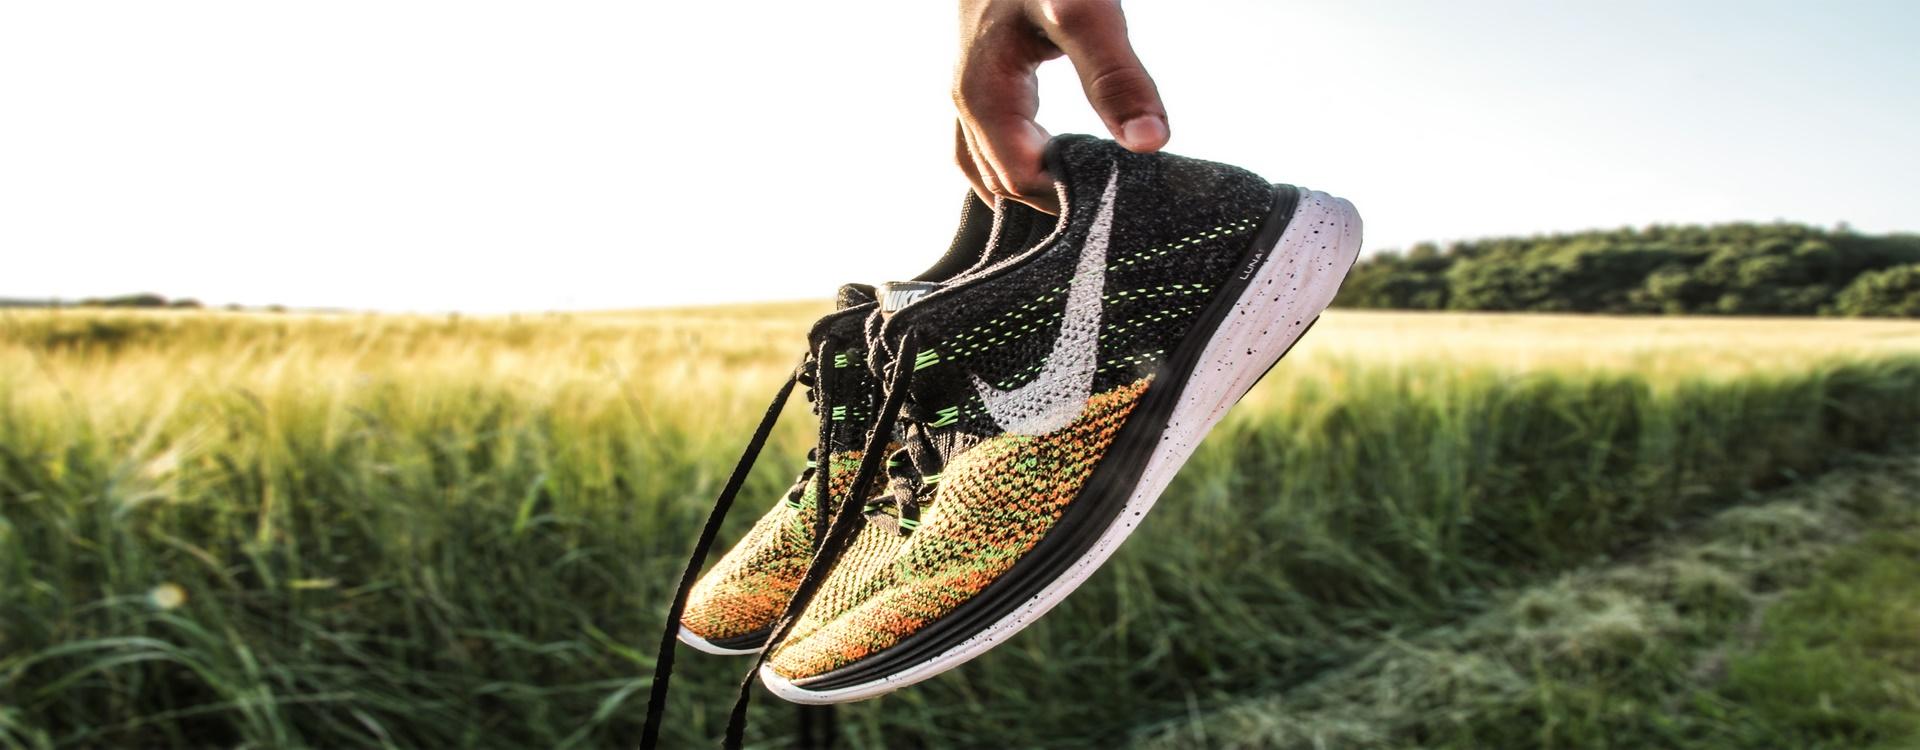 3 điều đáng học hỏi trong việc quảng cáo mạng xã hội từ Nike (P1)